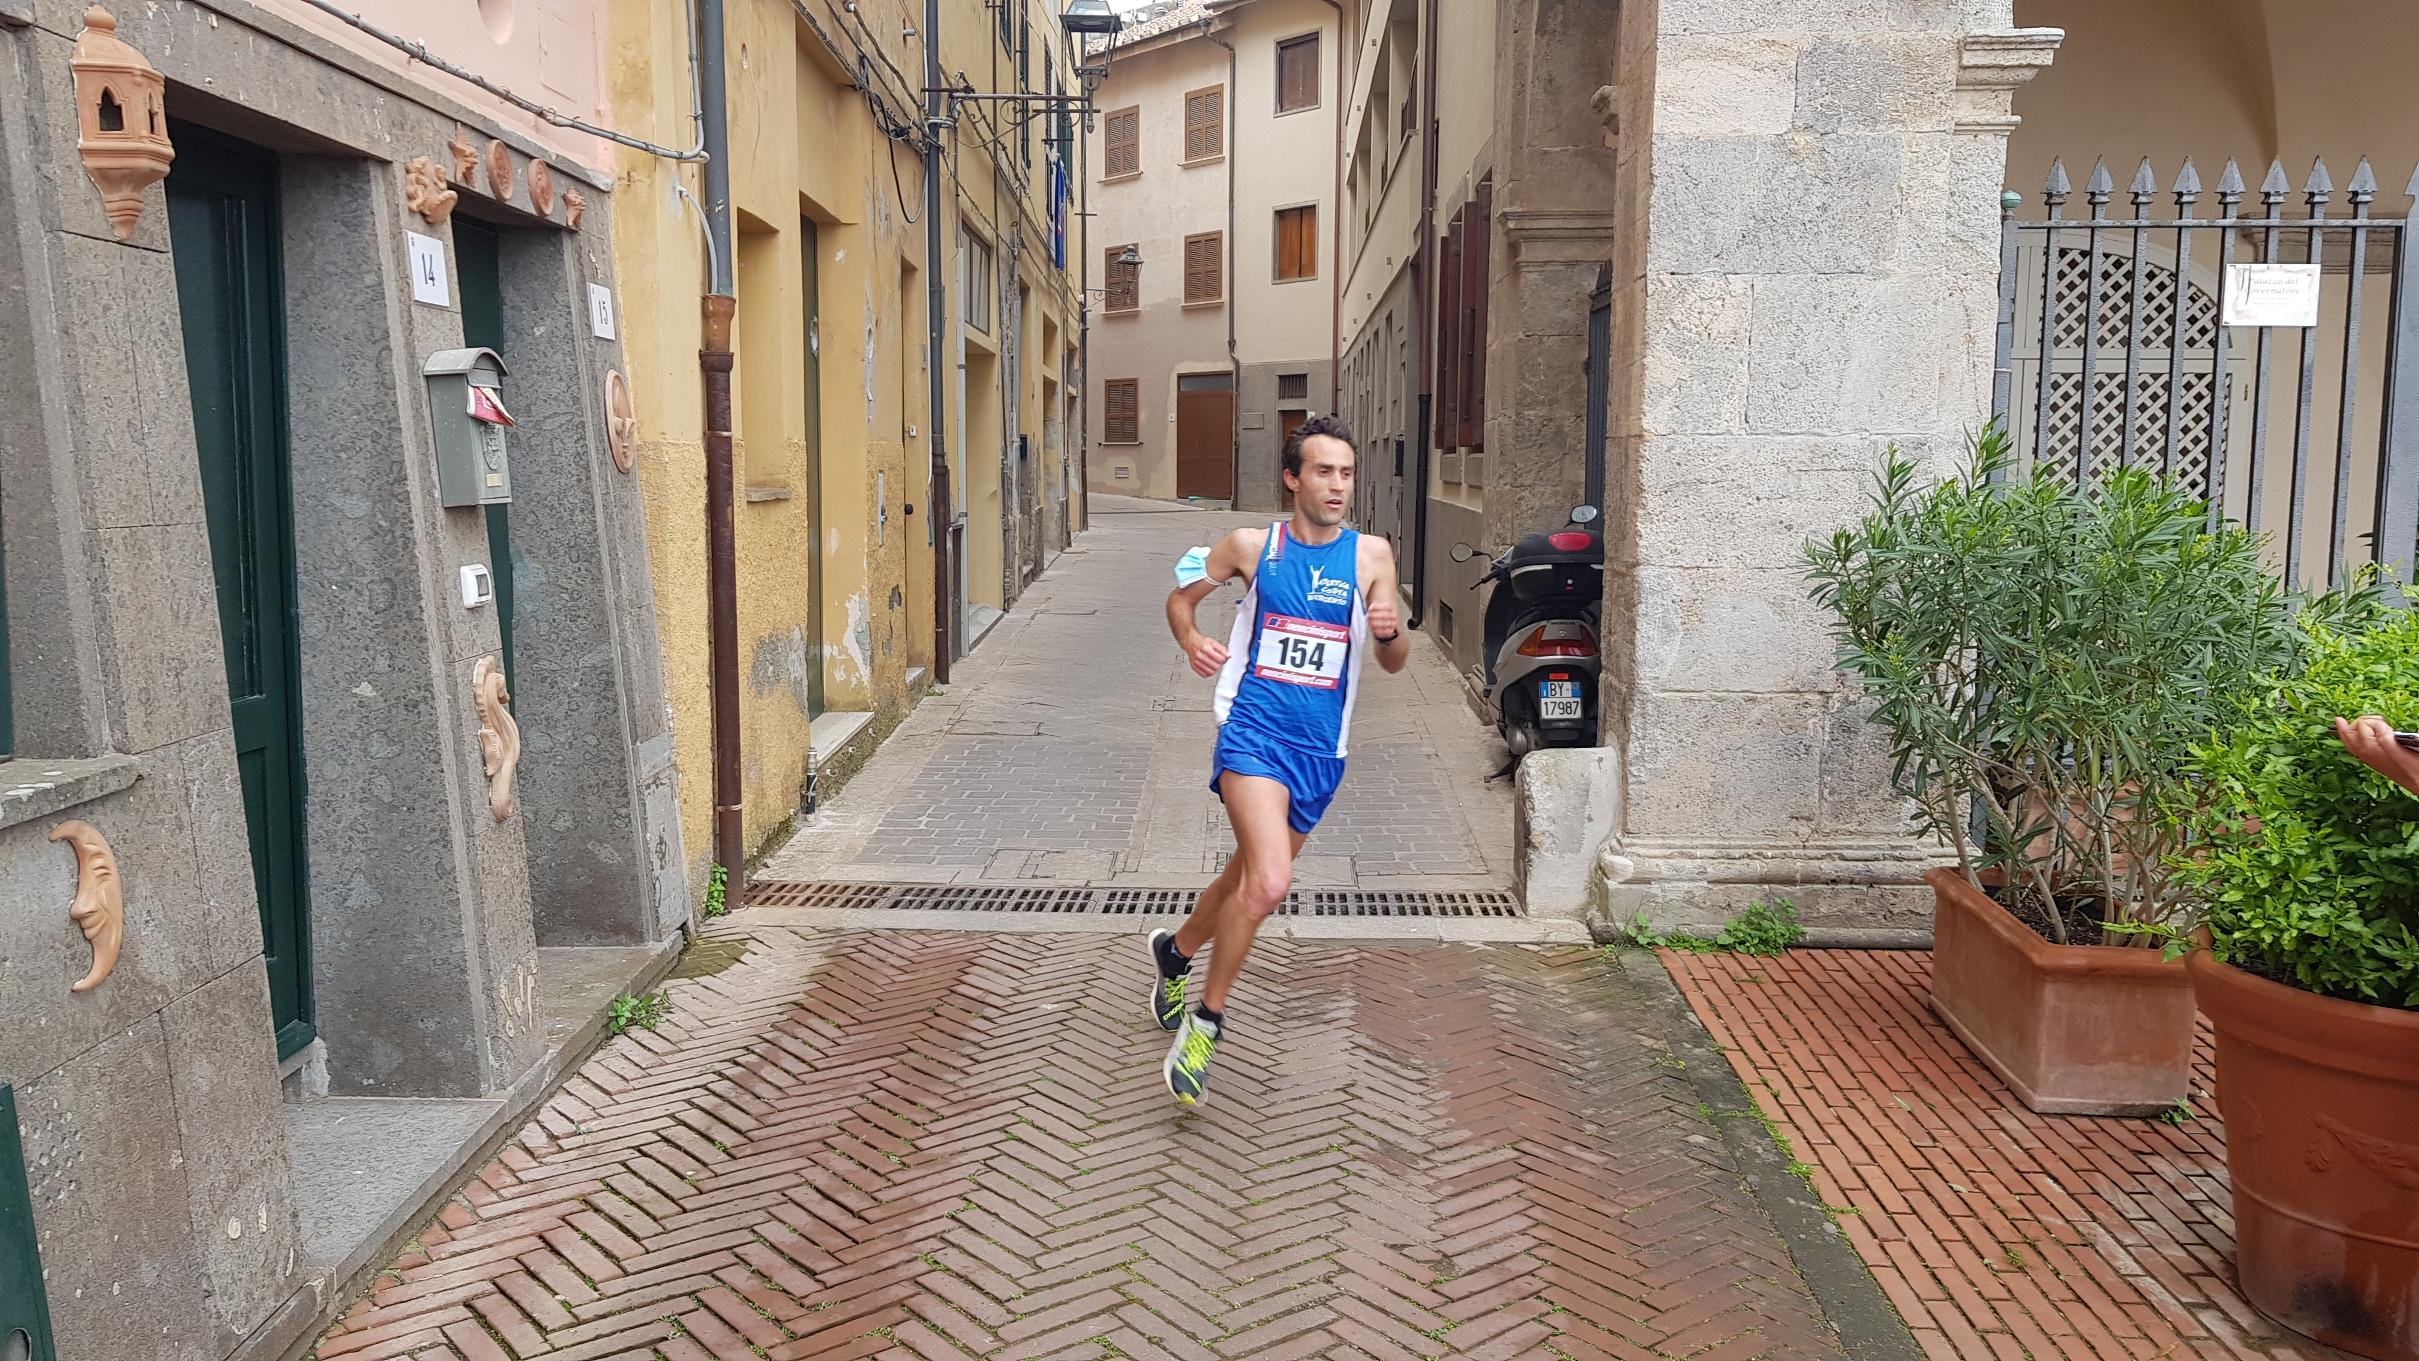 Uisp-Corri-nella-Maremma-45esima-edizione-dei-IV-Forti-Spagnoli-il-vincitore-jacopo-boscarini-in-gara